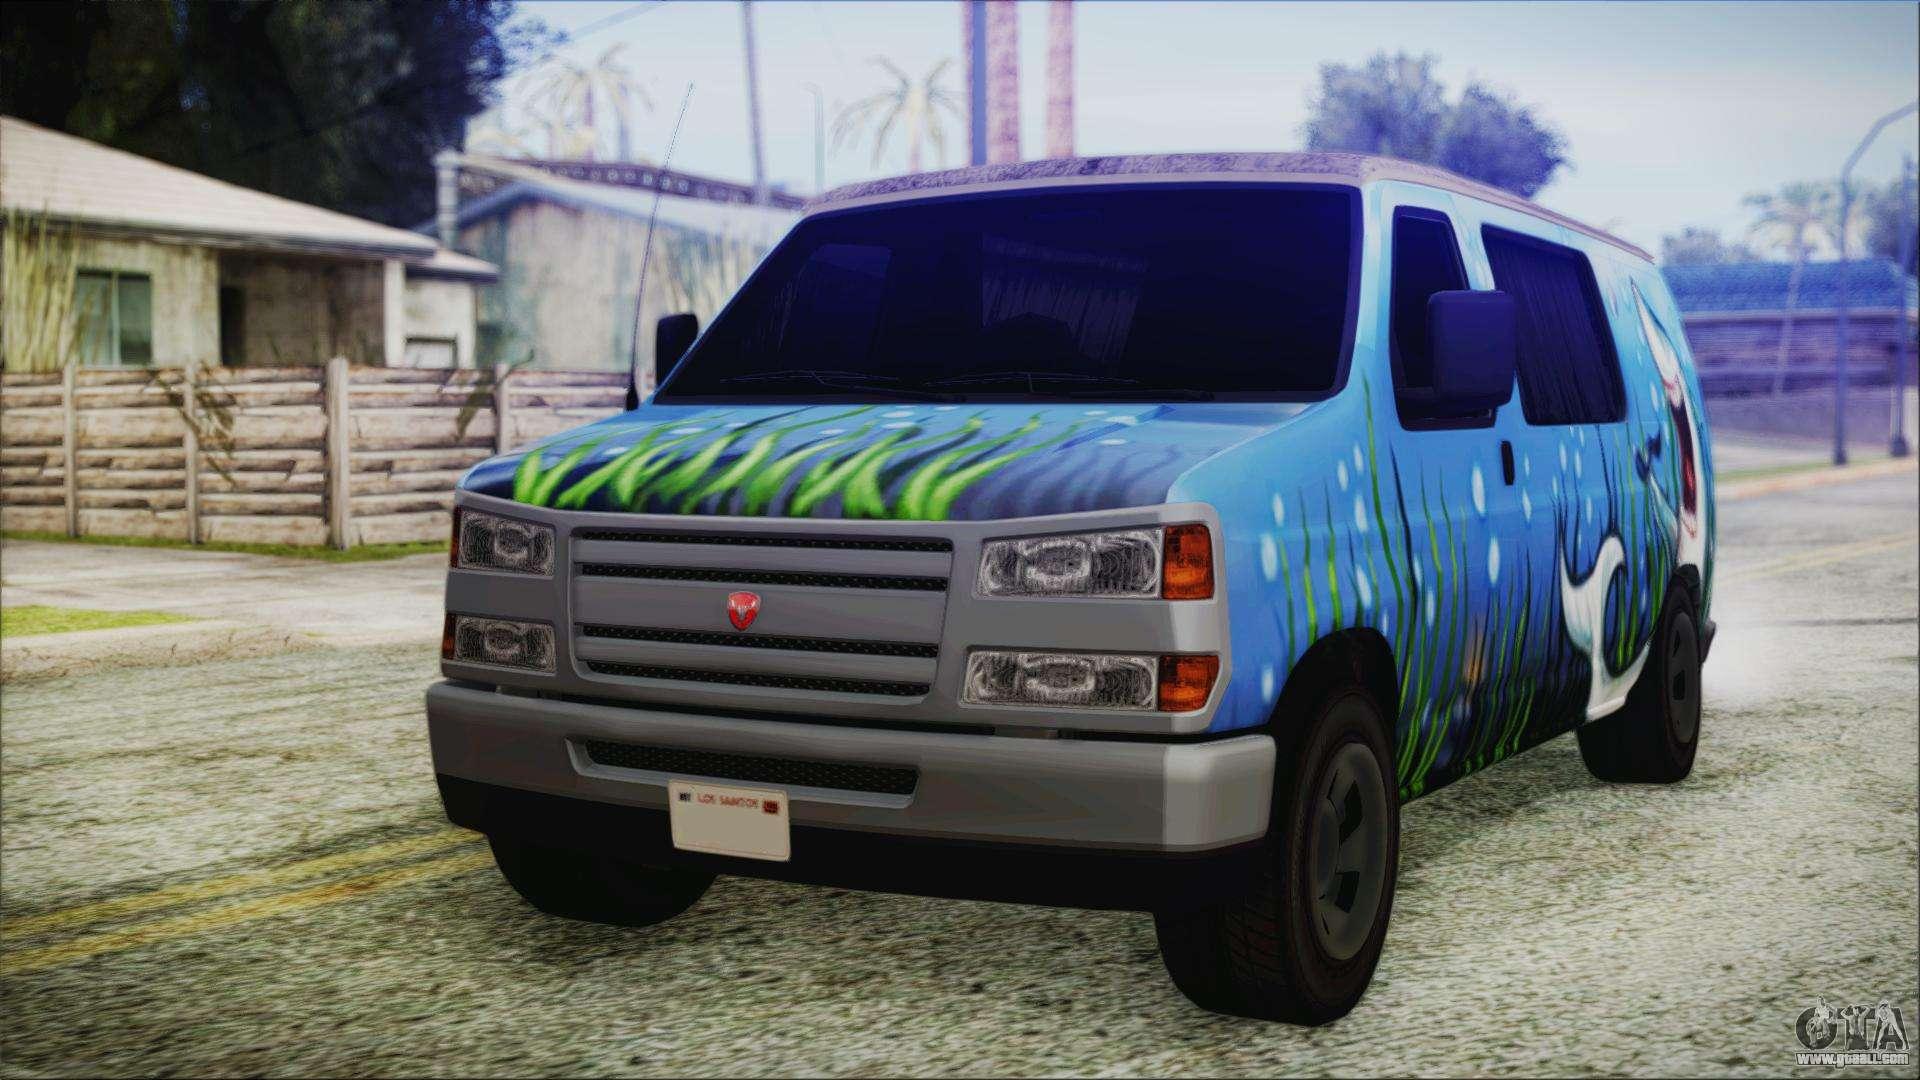 Grumman Llv For Gta San Andreas Mail Truck Fuel Filter 5 Bravado Paradise Shark Artwork